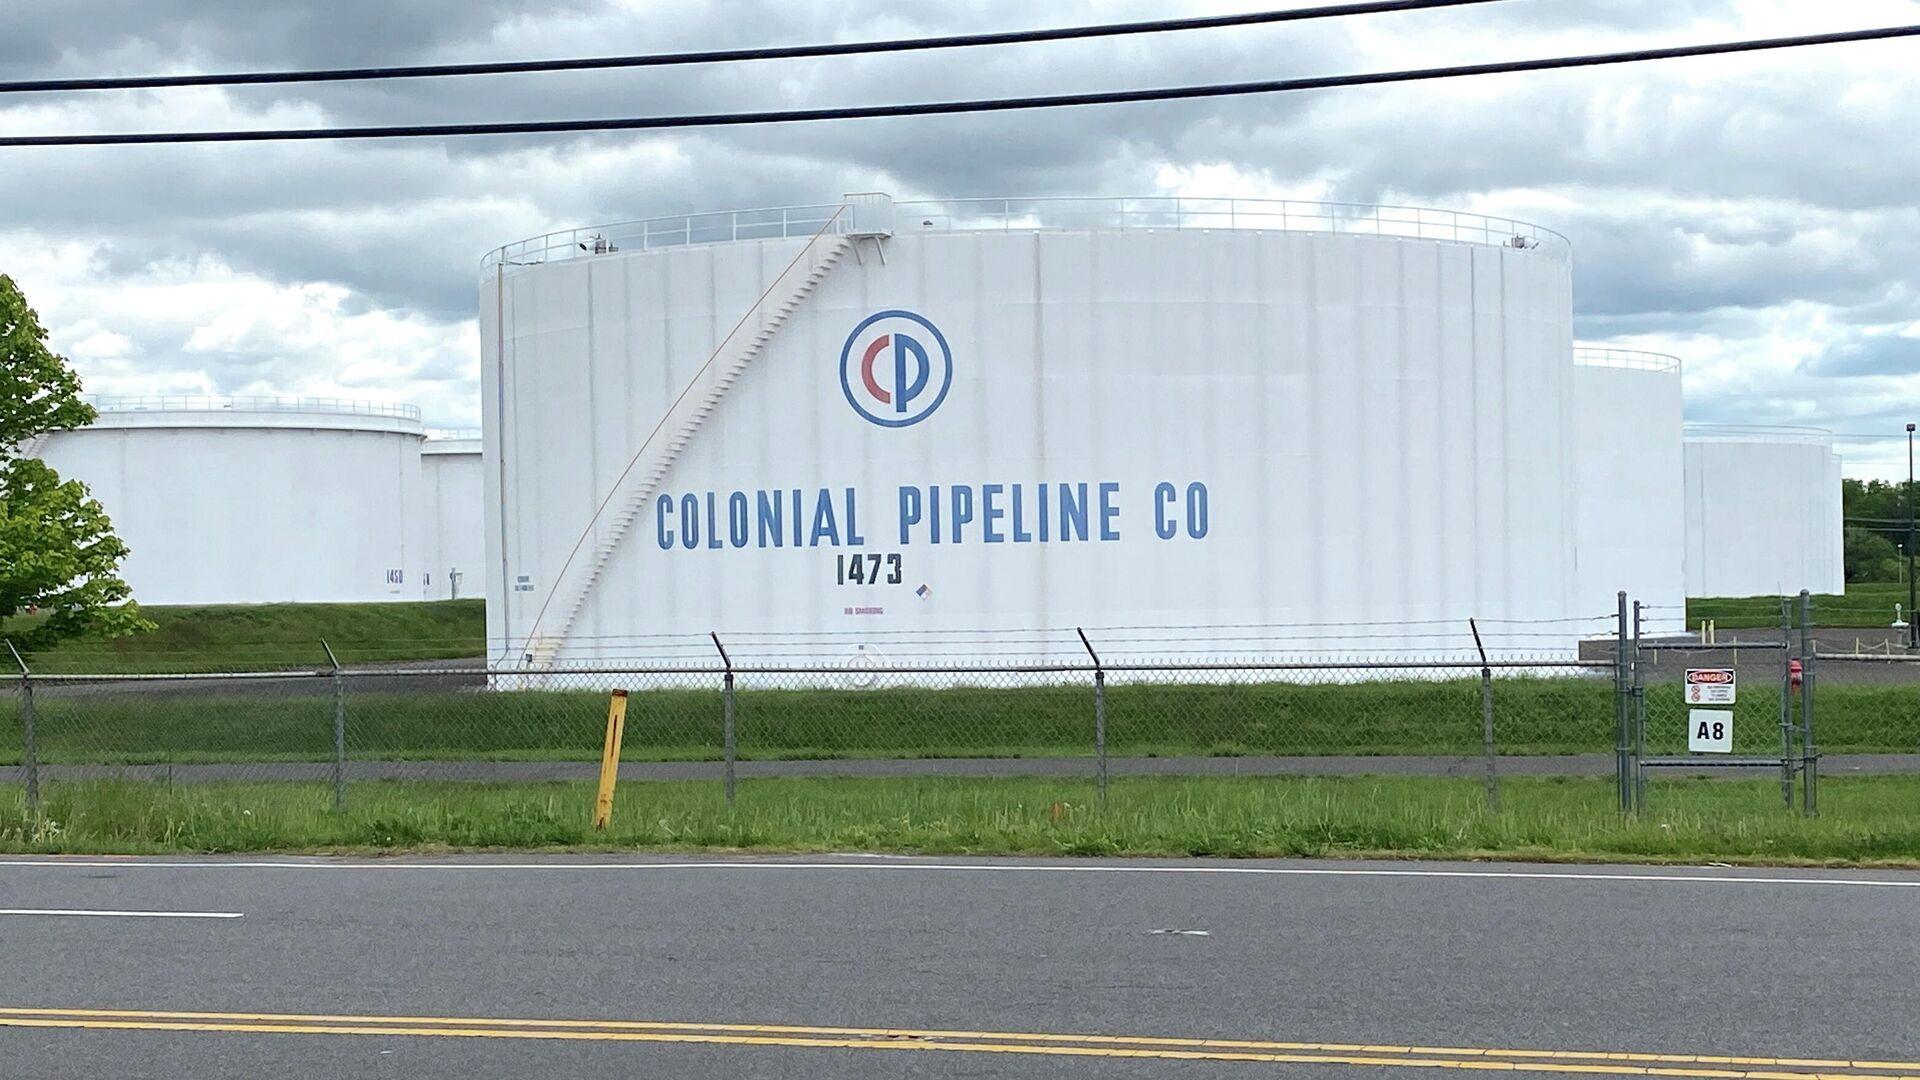 Резервуары для хранения нефтепродкутов в резервуарном парке Linden Junction компании Colonial Pipeline в Вудбридже, штат Нью-Джерси - РИА Новости, 1920, 12.05.2021